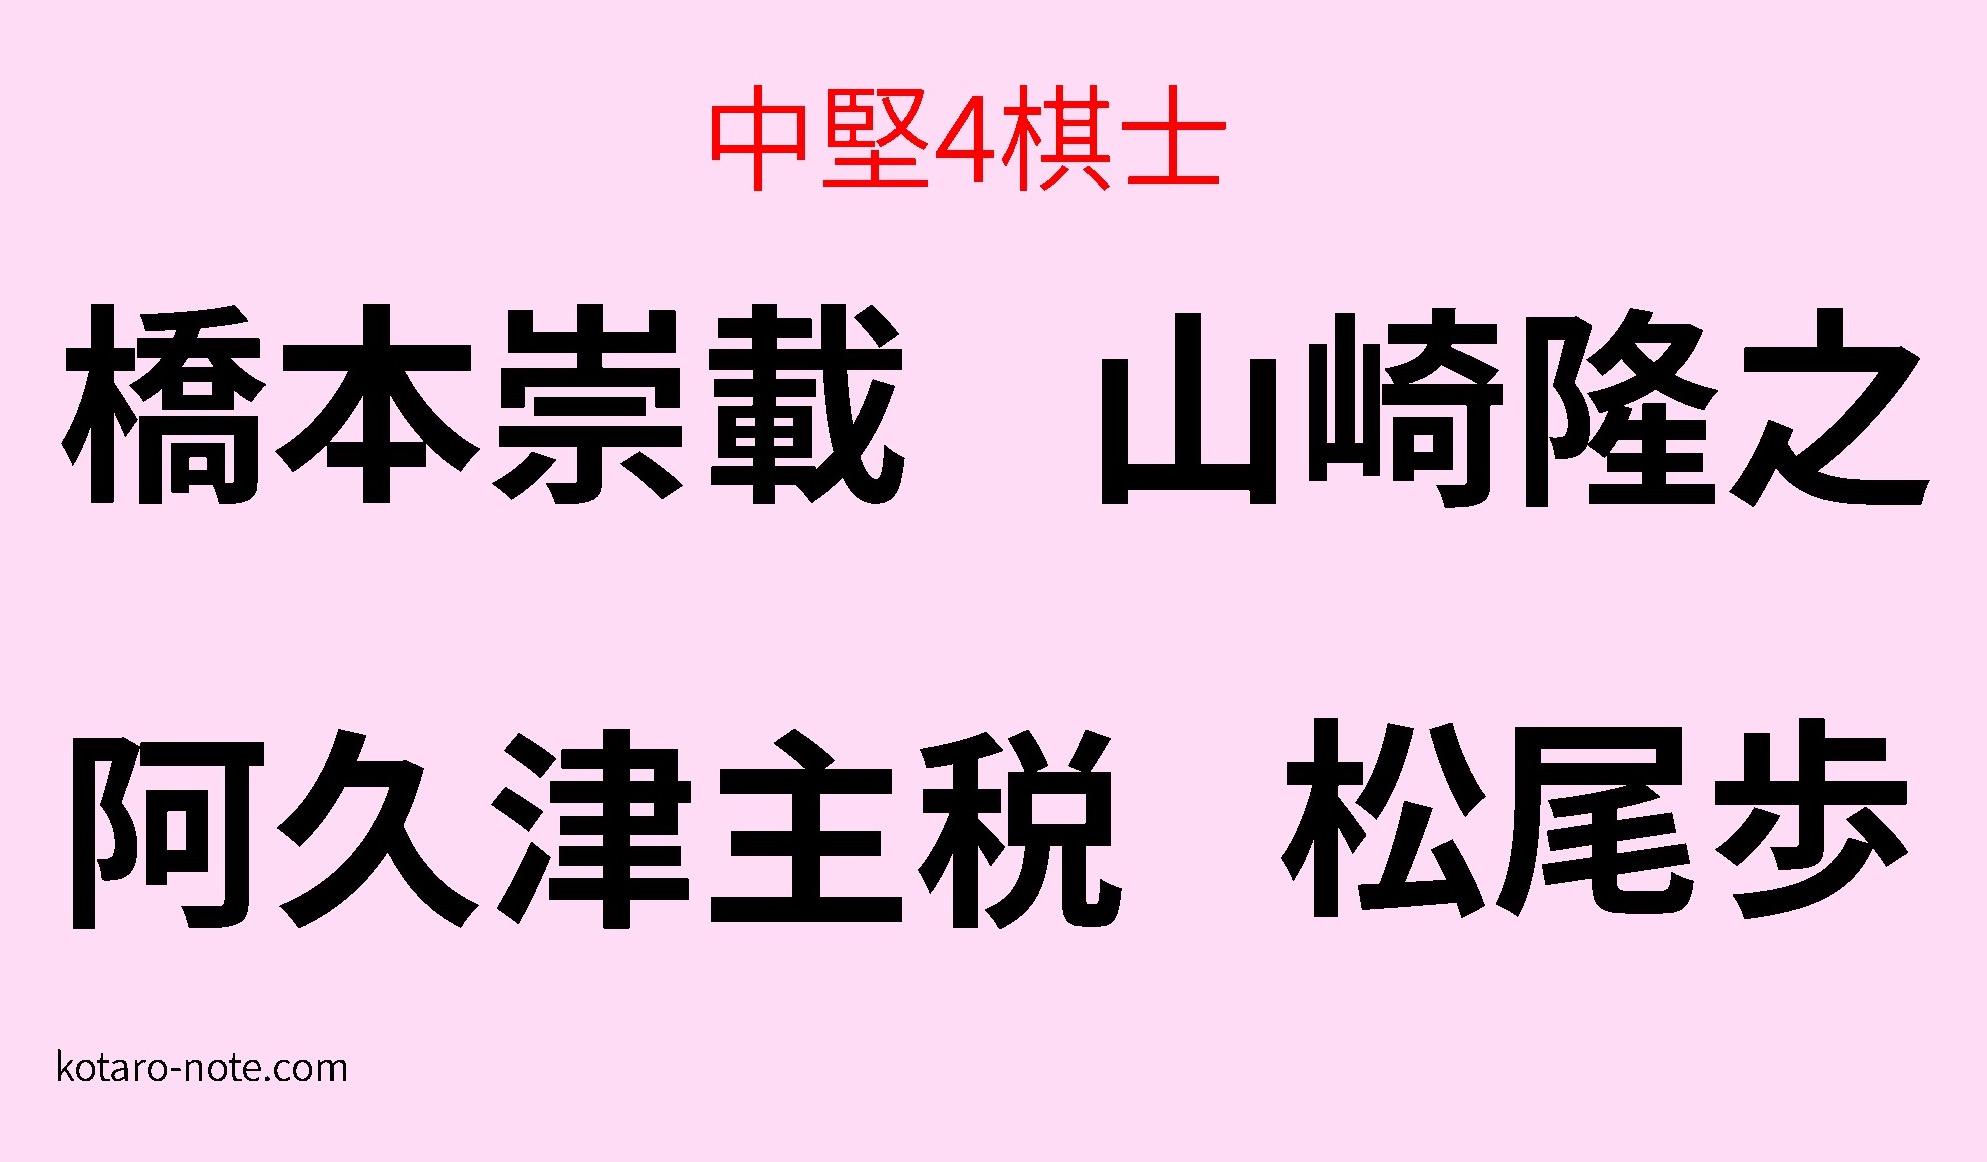 中堅4棋士(松尾歩,山崎隆之,阿久津主税,橋本崇載)